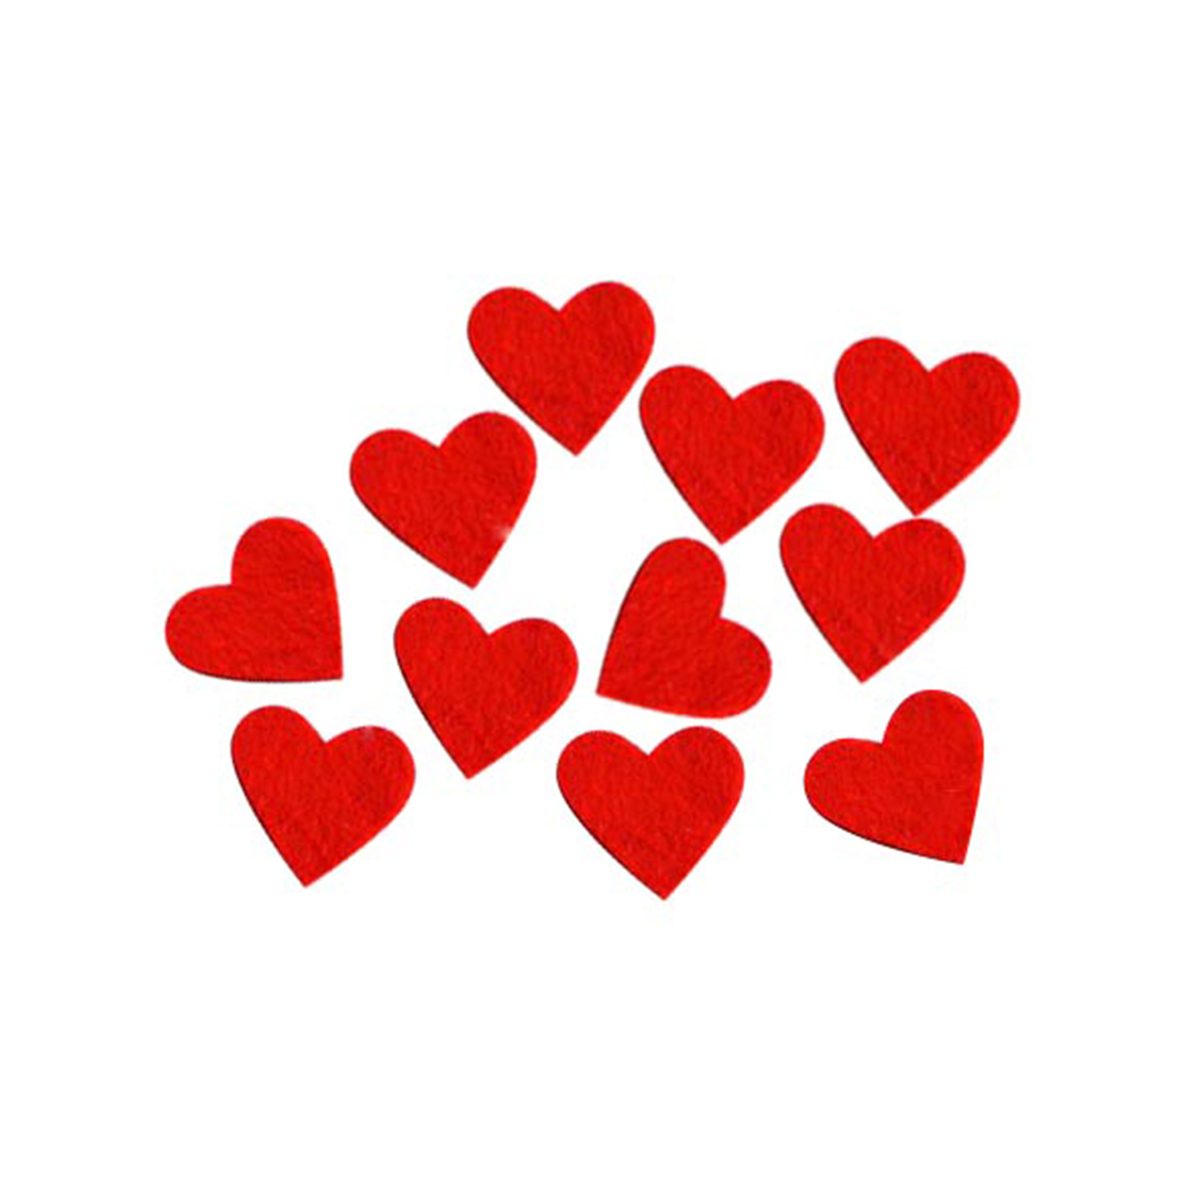 Фетр для творчества Glorex Сердца, цвет: красный, 5 х 5 см, 12 штNLED-454-9W-BKФетр для творчества Glorex Сердца изготовлен из 100% полиэстера. Фетр является отличным материалом для декора и флористики. Используется для изготовления открыток ручной работы и скрап-страничек, для созданиябижутерии и многого другого.